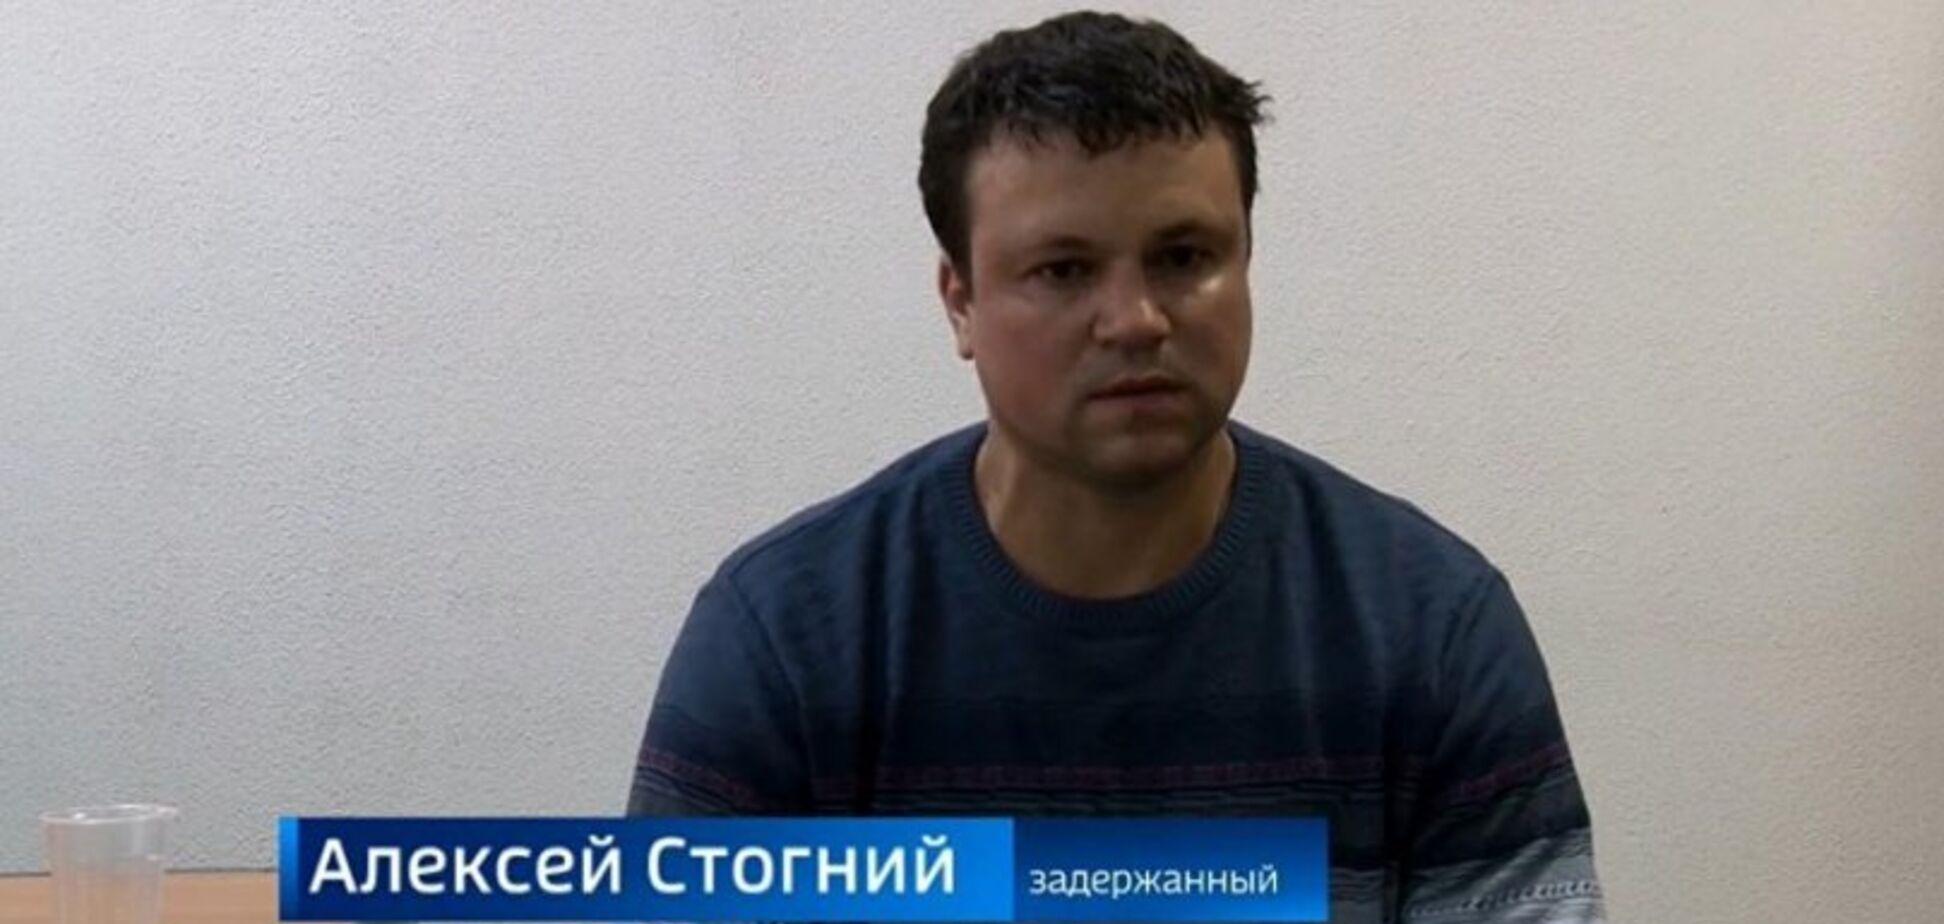 Более 3 лет в застенках Кремля: в Украину вернулся один из узников Путина